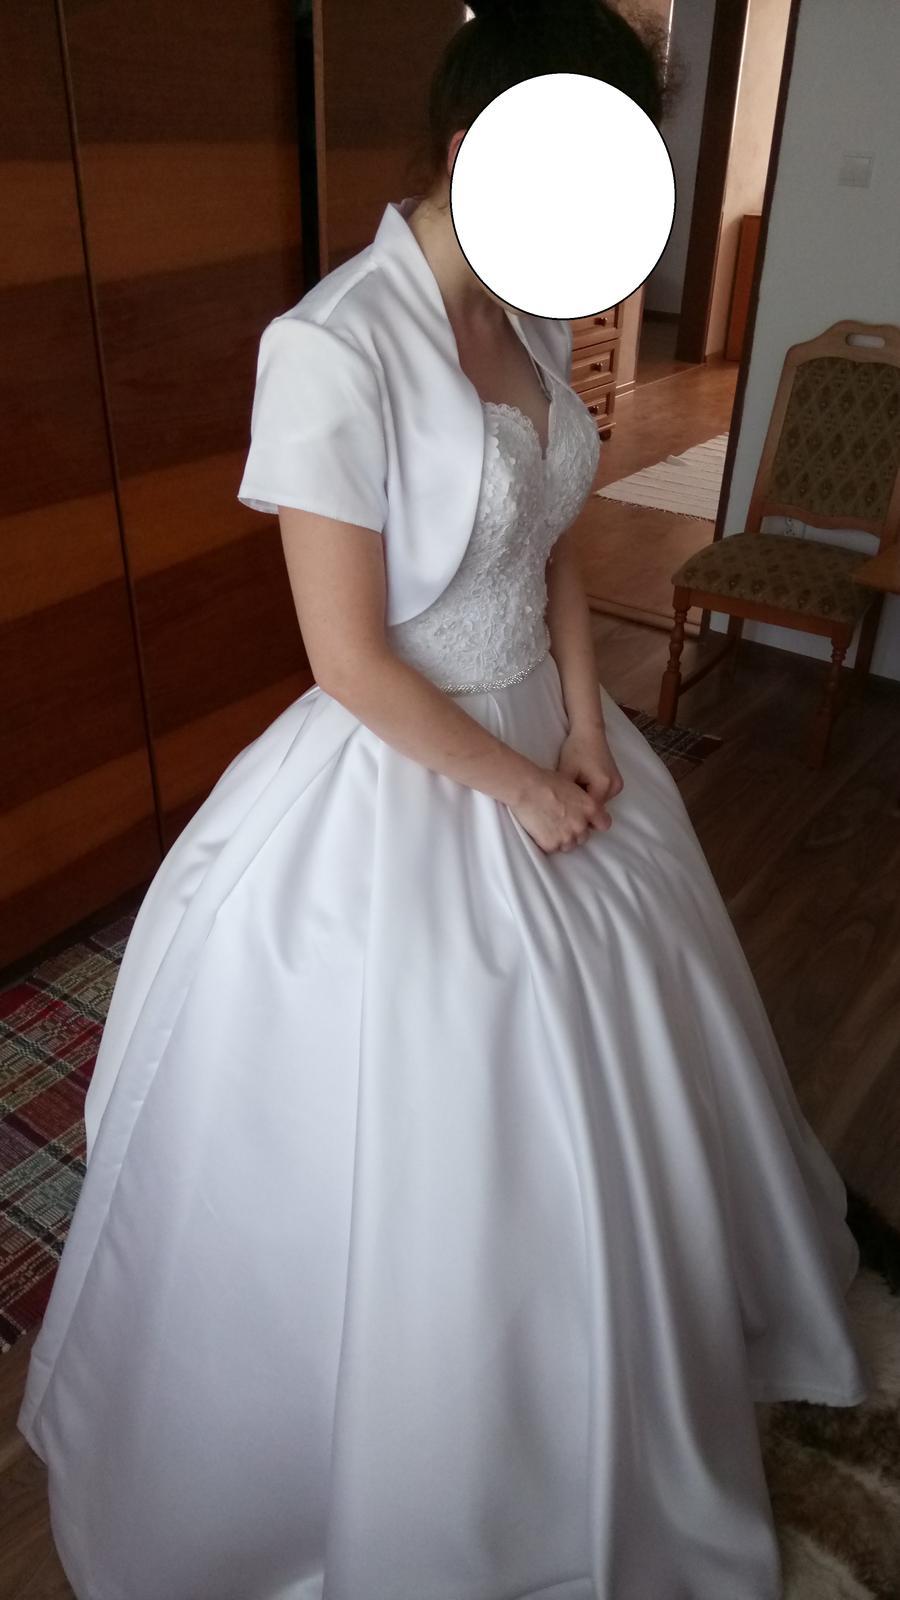 Predan svadobné šaty - Obrázok č. 3